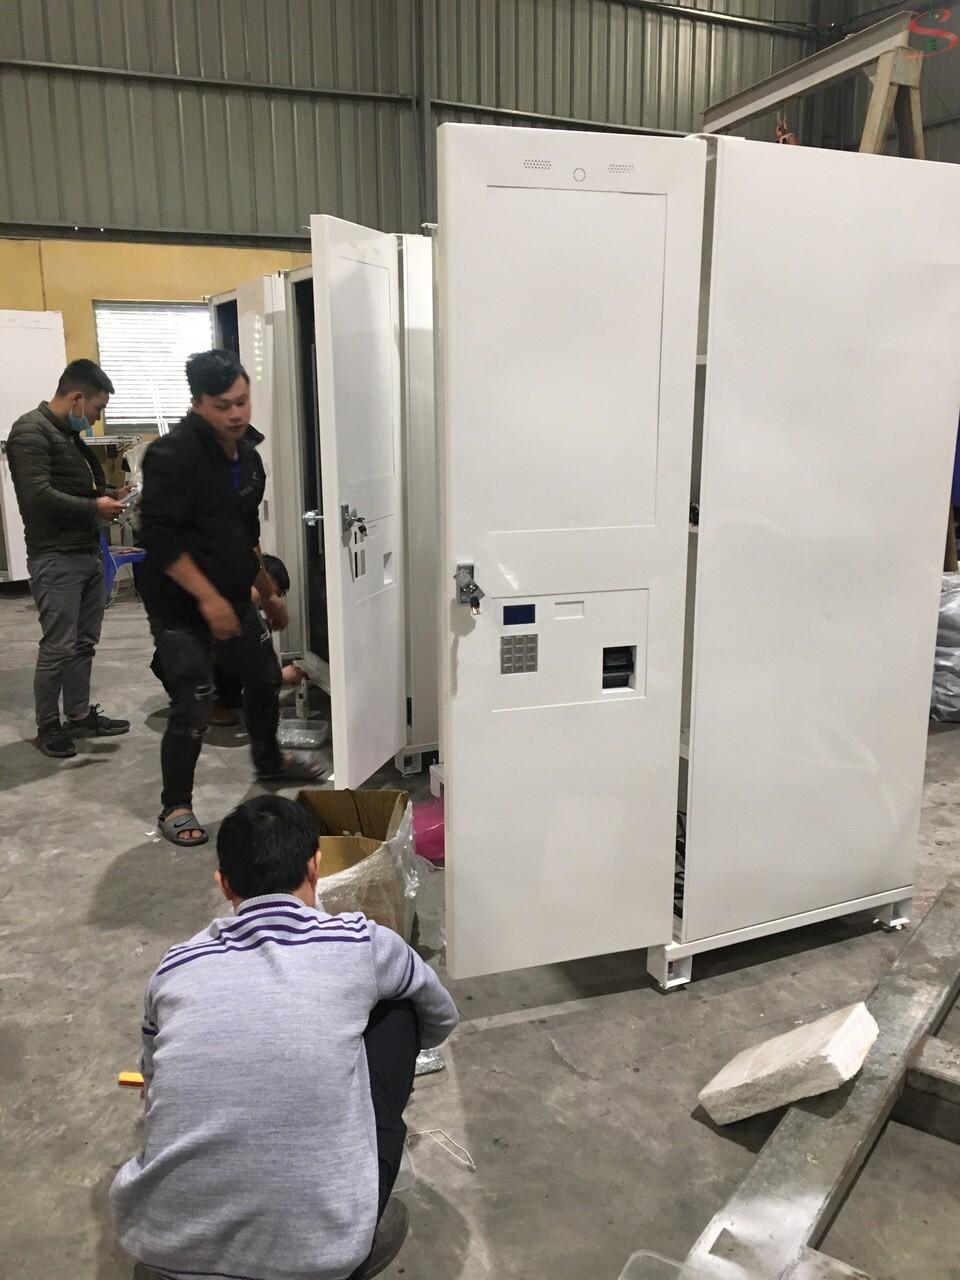 nha san xuat may ban hang tu dong ⭐⭐⭐⭐⭐ Nhà cung cấp máy Bán Hàng Tự Động, TSE Máy bán nước tự động Số 1